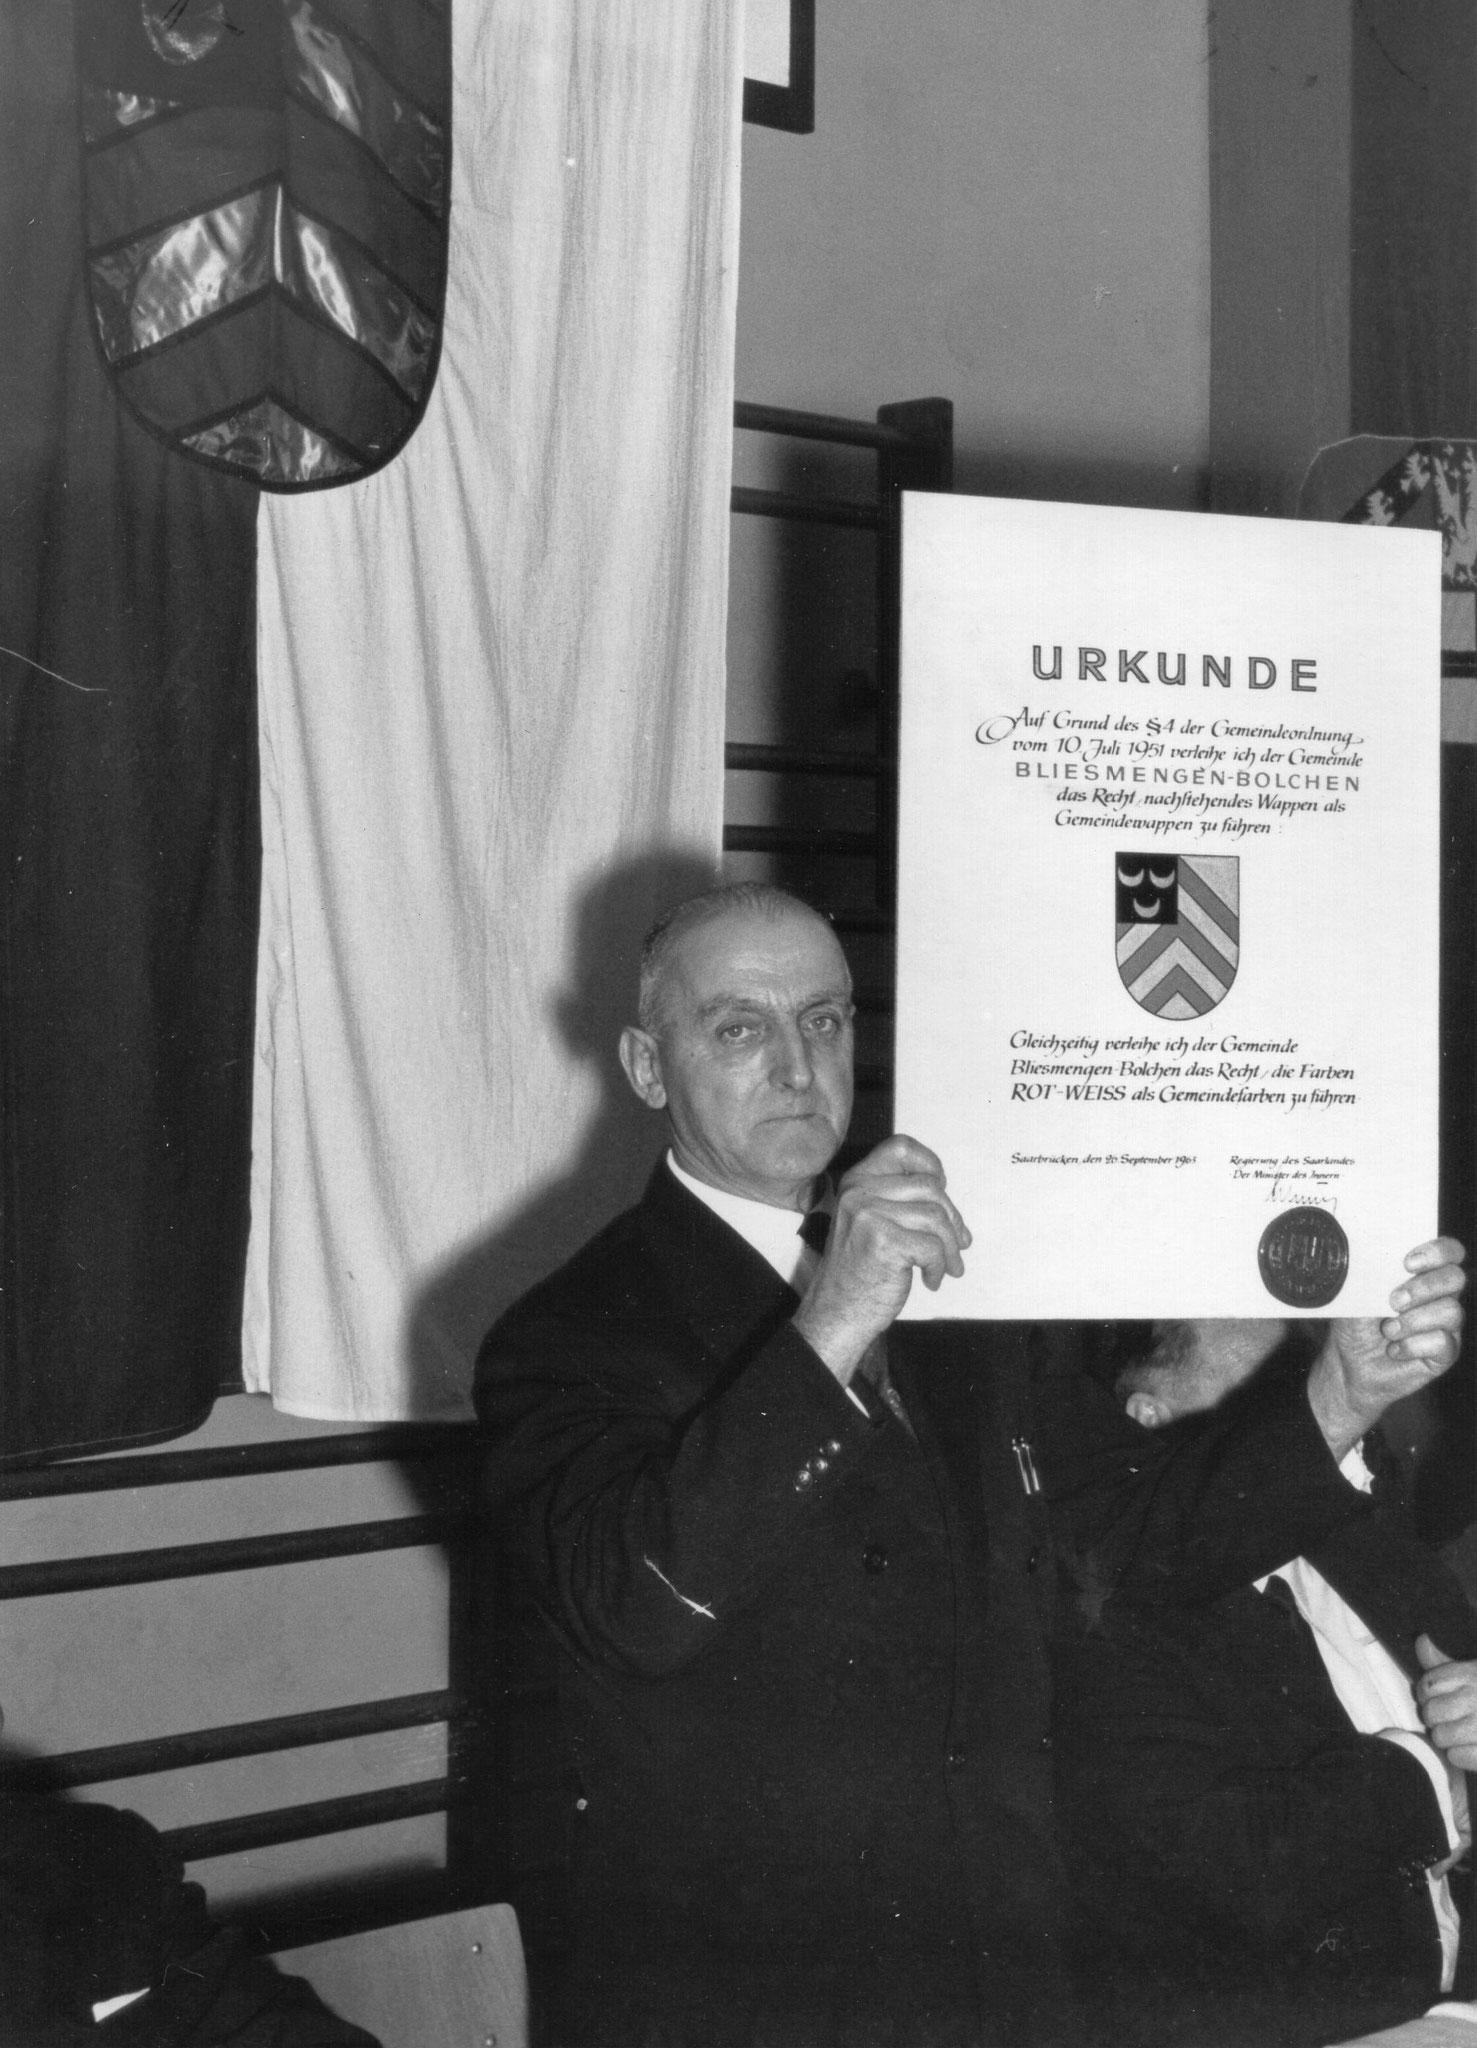 Verleihung des Dorfwappens an Bürgermeister Theodor Bachmann durch das Saarländische Innenministerium am 26.09.1963.